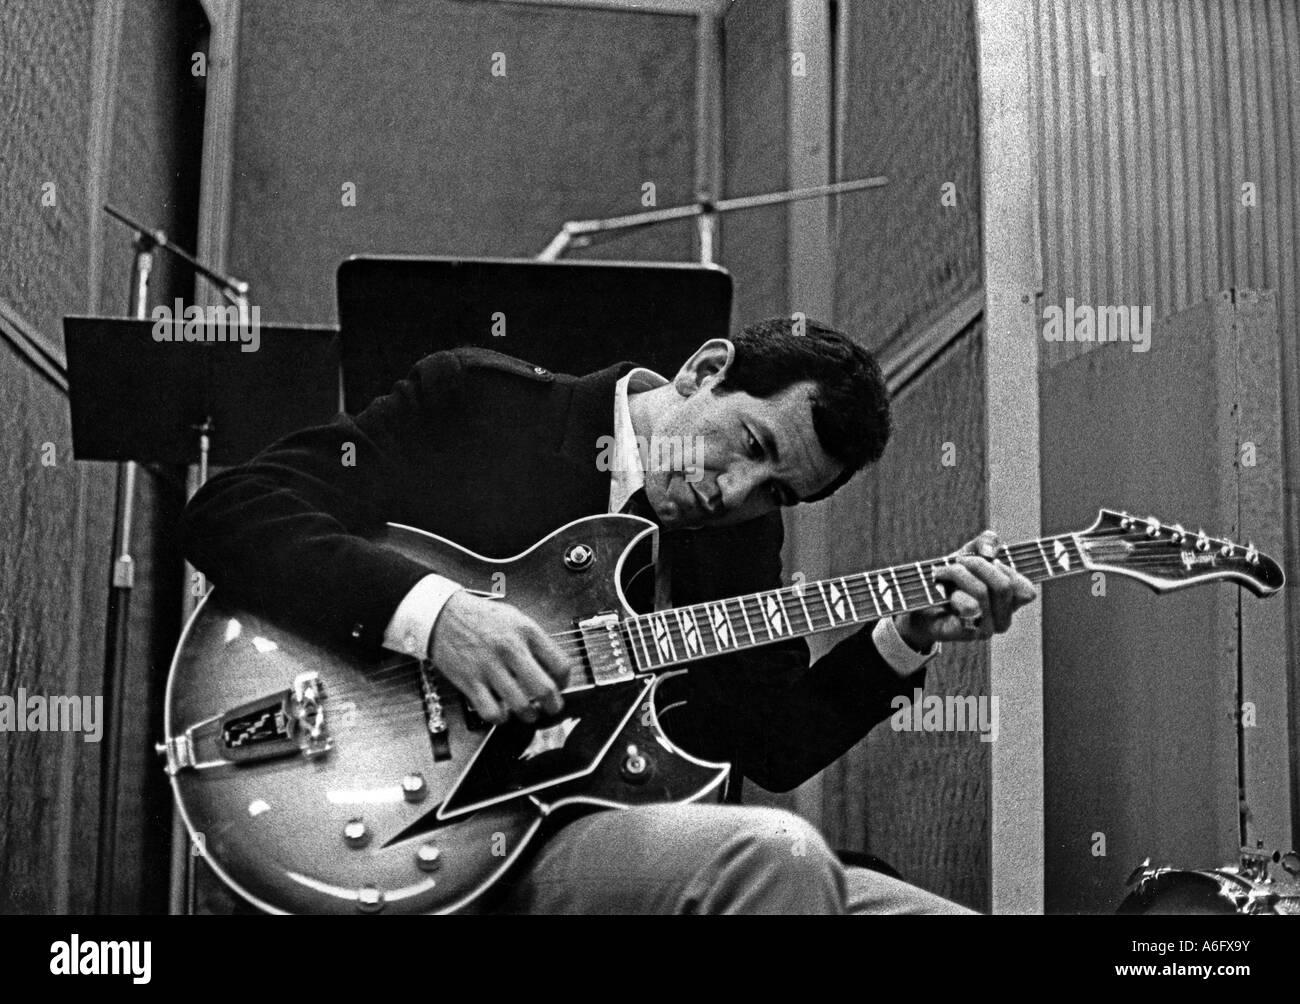 TRINI LOPEZ Mexican American musician in 1967 - Stock Image